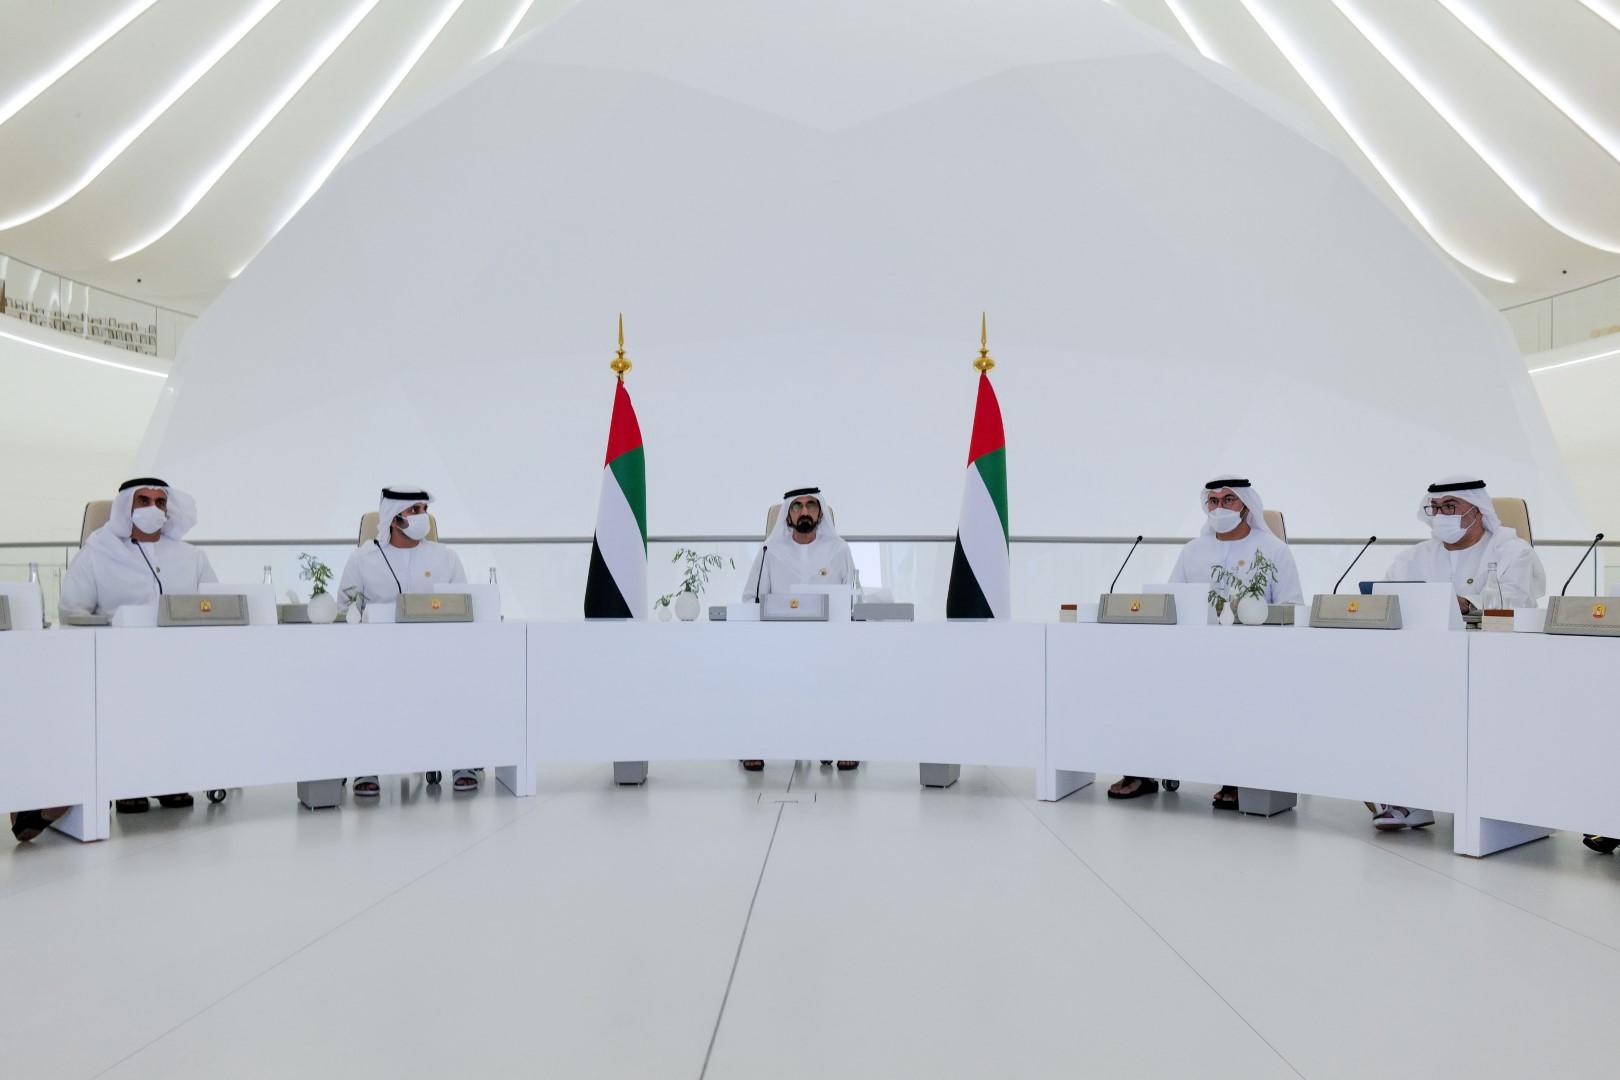 محمد بن راشد يترأس اجتماع مجلس الوزراء ويعتمد الميزانية العامة للاتحاد للأعوام 2022-2026 بإجمالي 290 مليار درهم